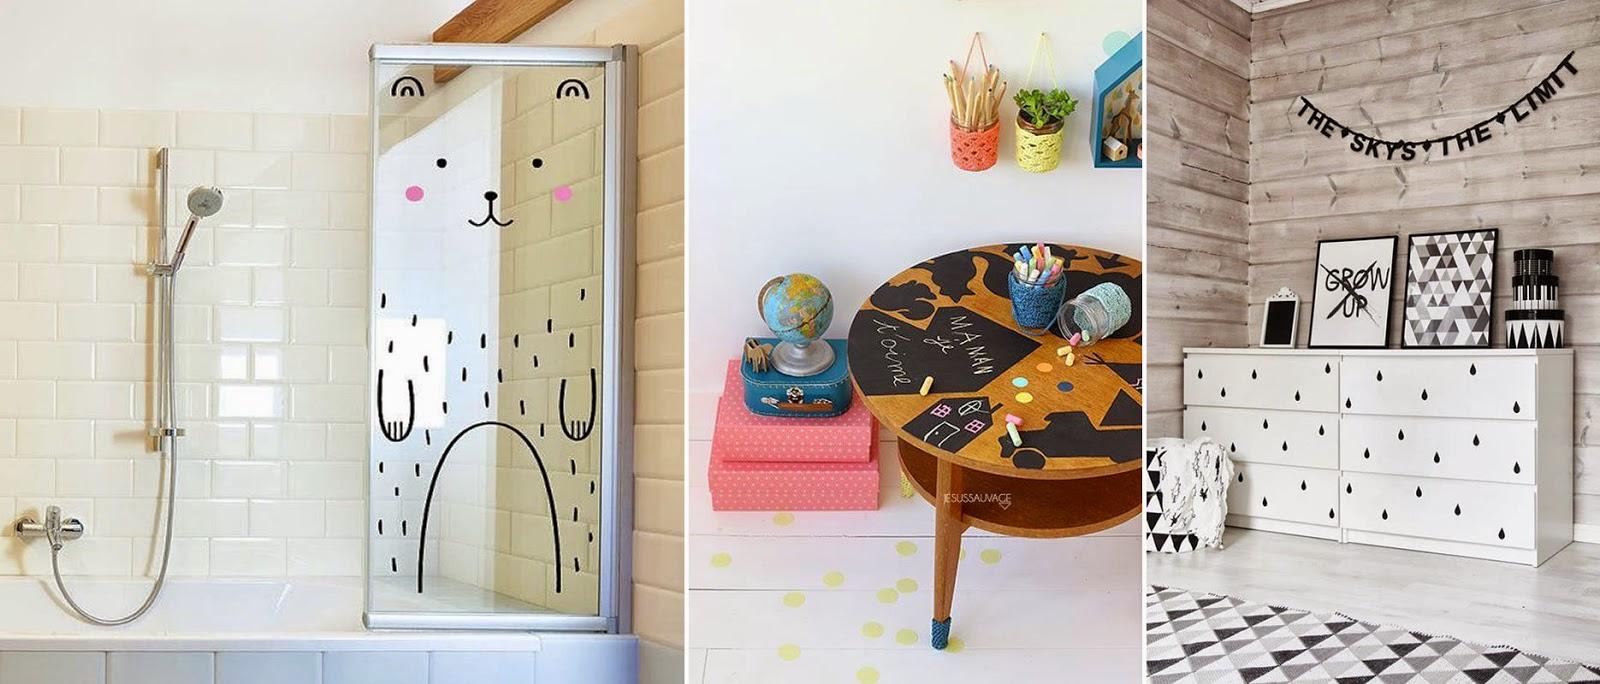 9 ideas para intervenir muebles infantiles m s chicos for Vinilos muebles infantiles